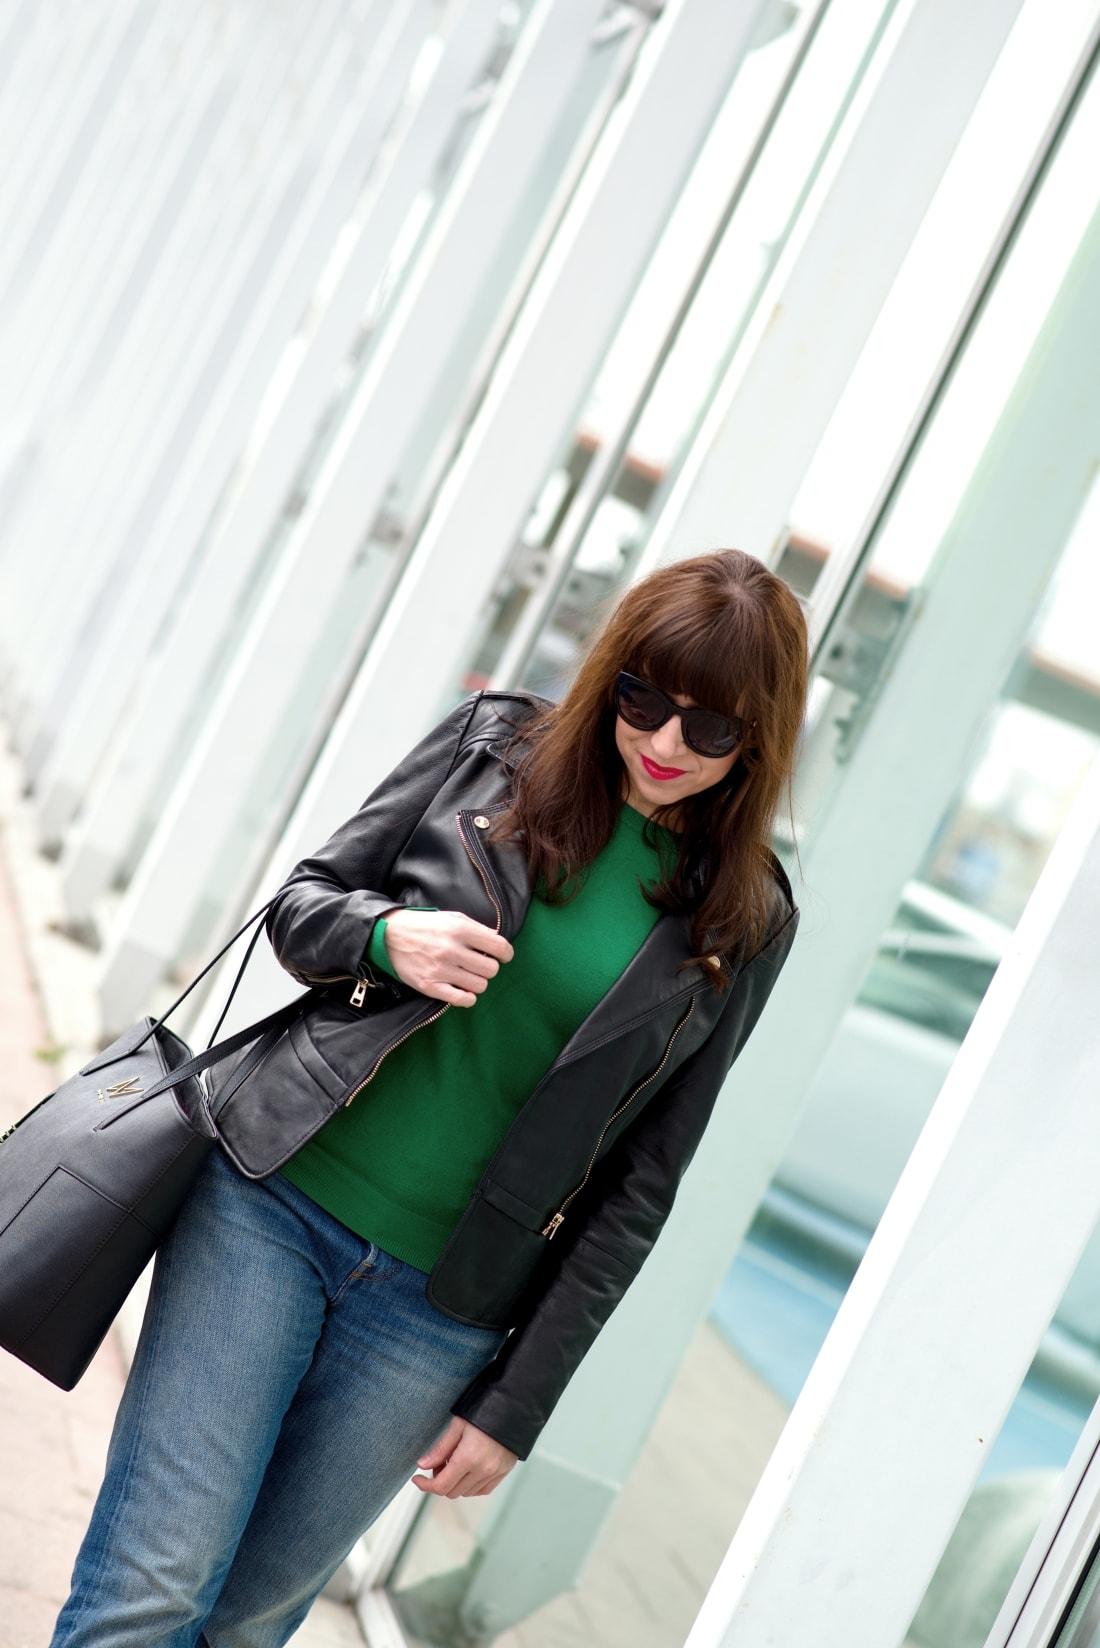 Kabelka NOIRE (29777)_Katharine-fashion is beautiful_Blog 4_Čierna kabelka Noire_Kožená bunda Mango_Džínsy Levis_Katarína Jakubčová_Fashion blogger